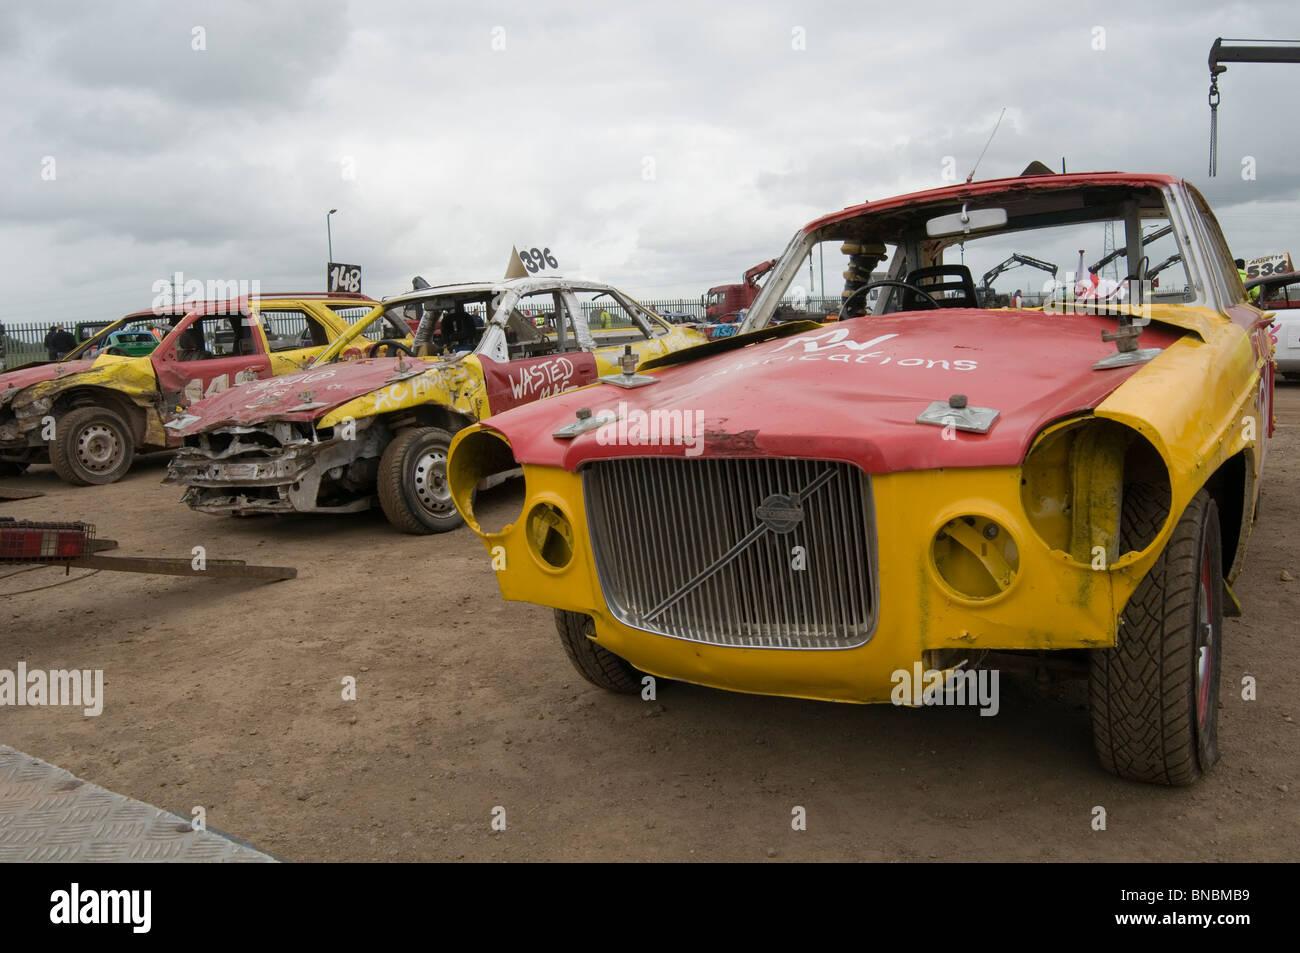 Smashed Up Volvo Banger Racer Banger Racing Car At Smallfield Dirt